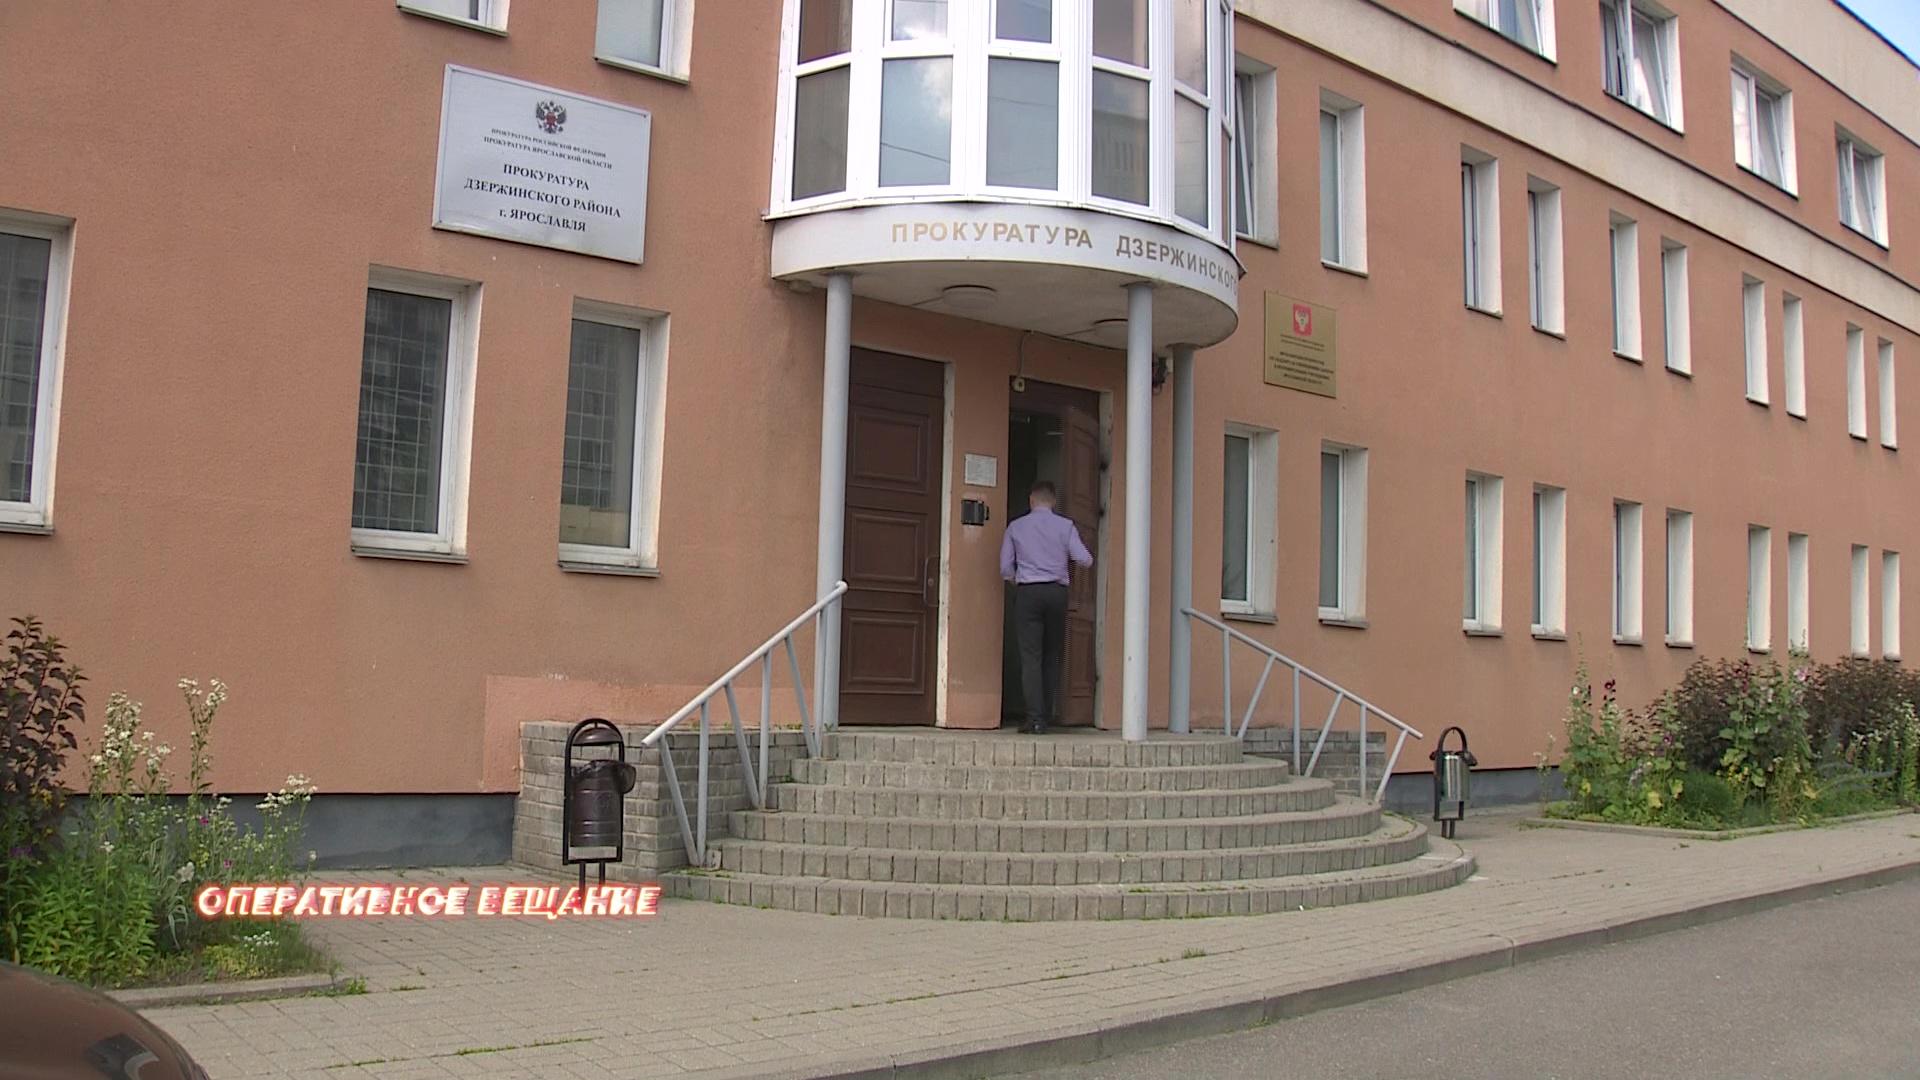 Прокуратура обратилась в суд с требованием закрыть интернет-магазин электроудочек